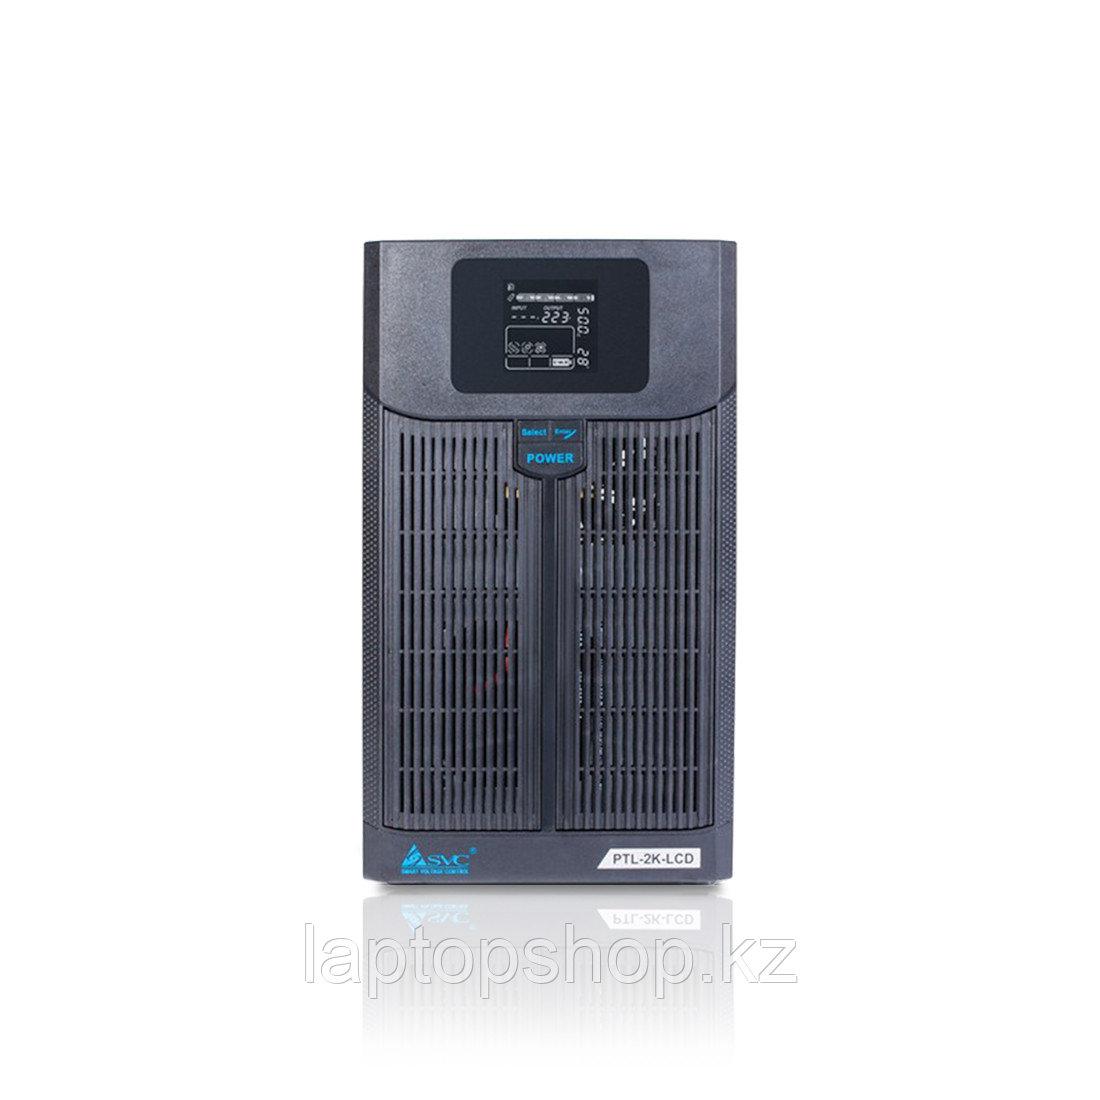 Источник бесперебойного питания SVC PTL-2K-LCD, Мощность 2000ВА/1400Вт